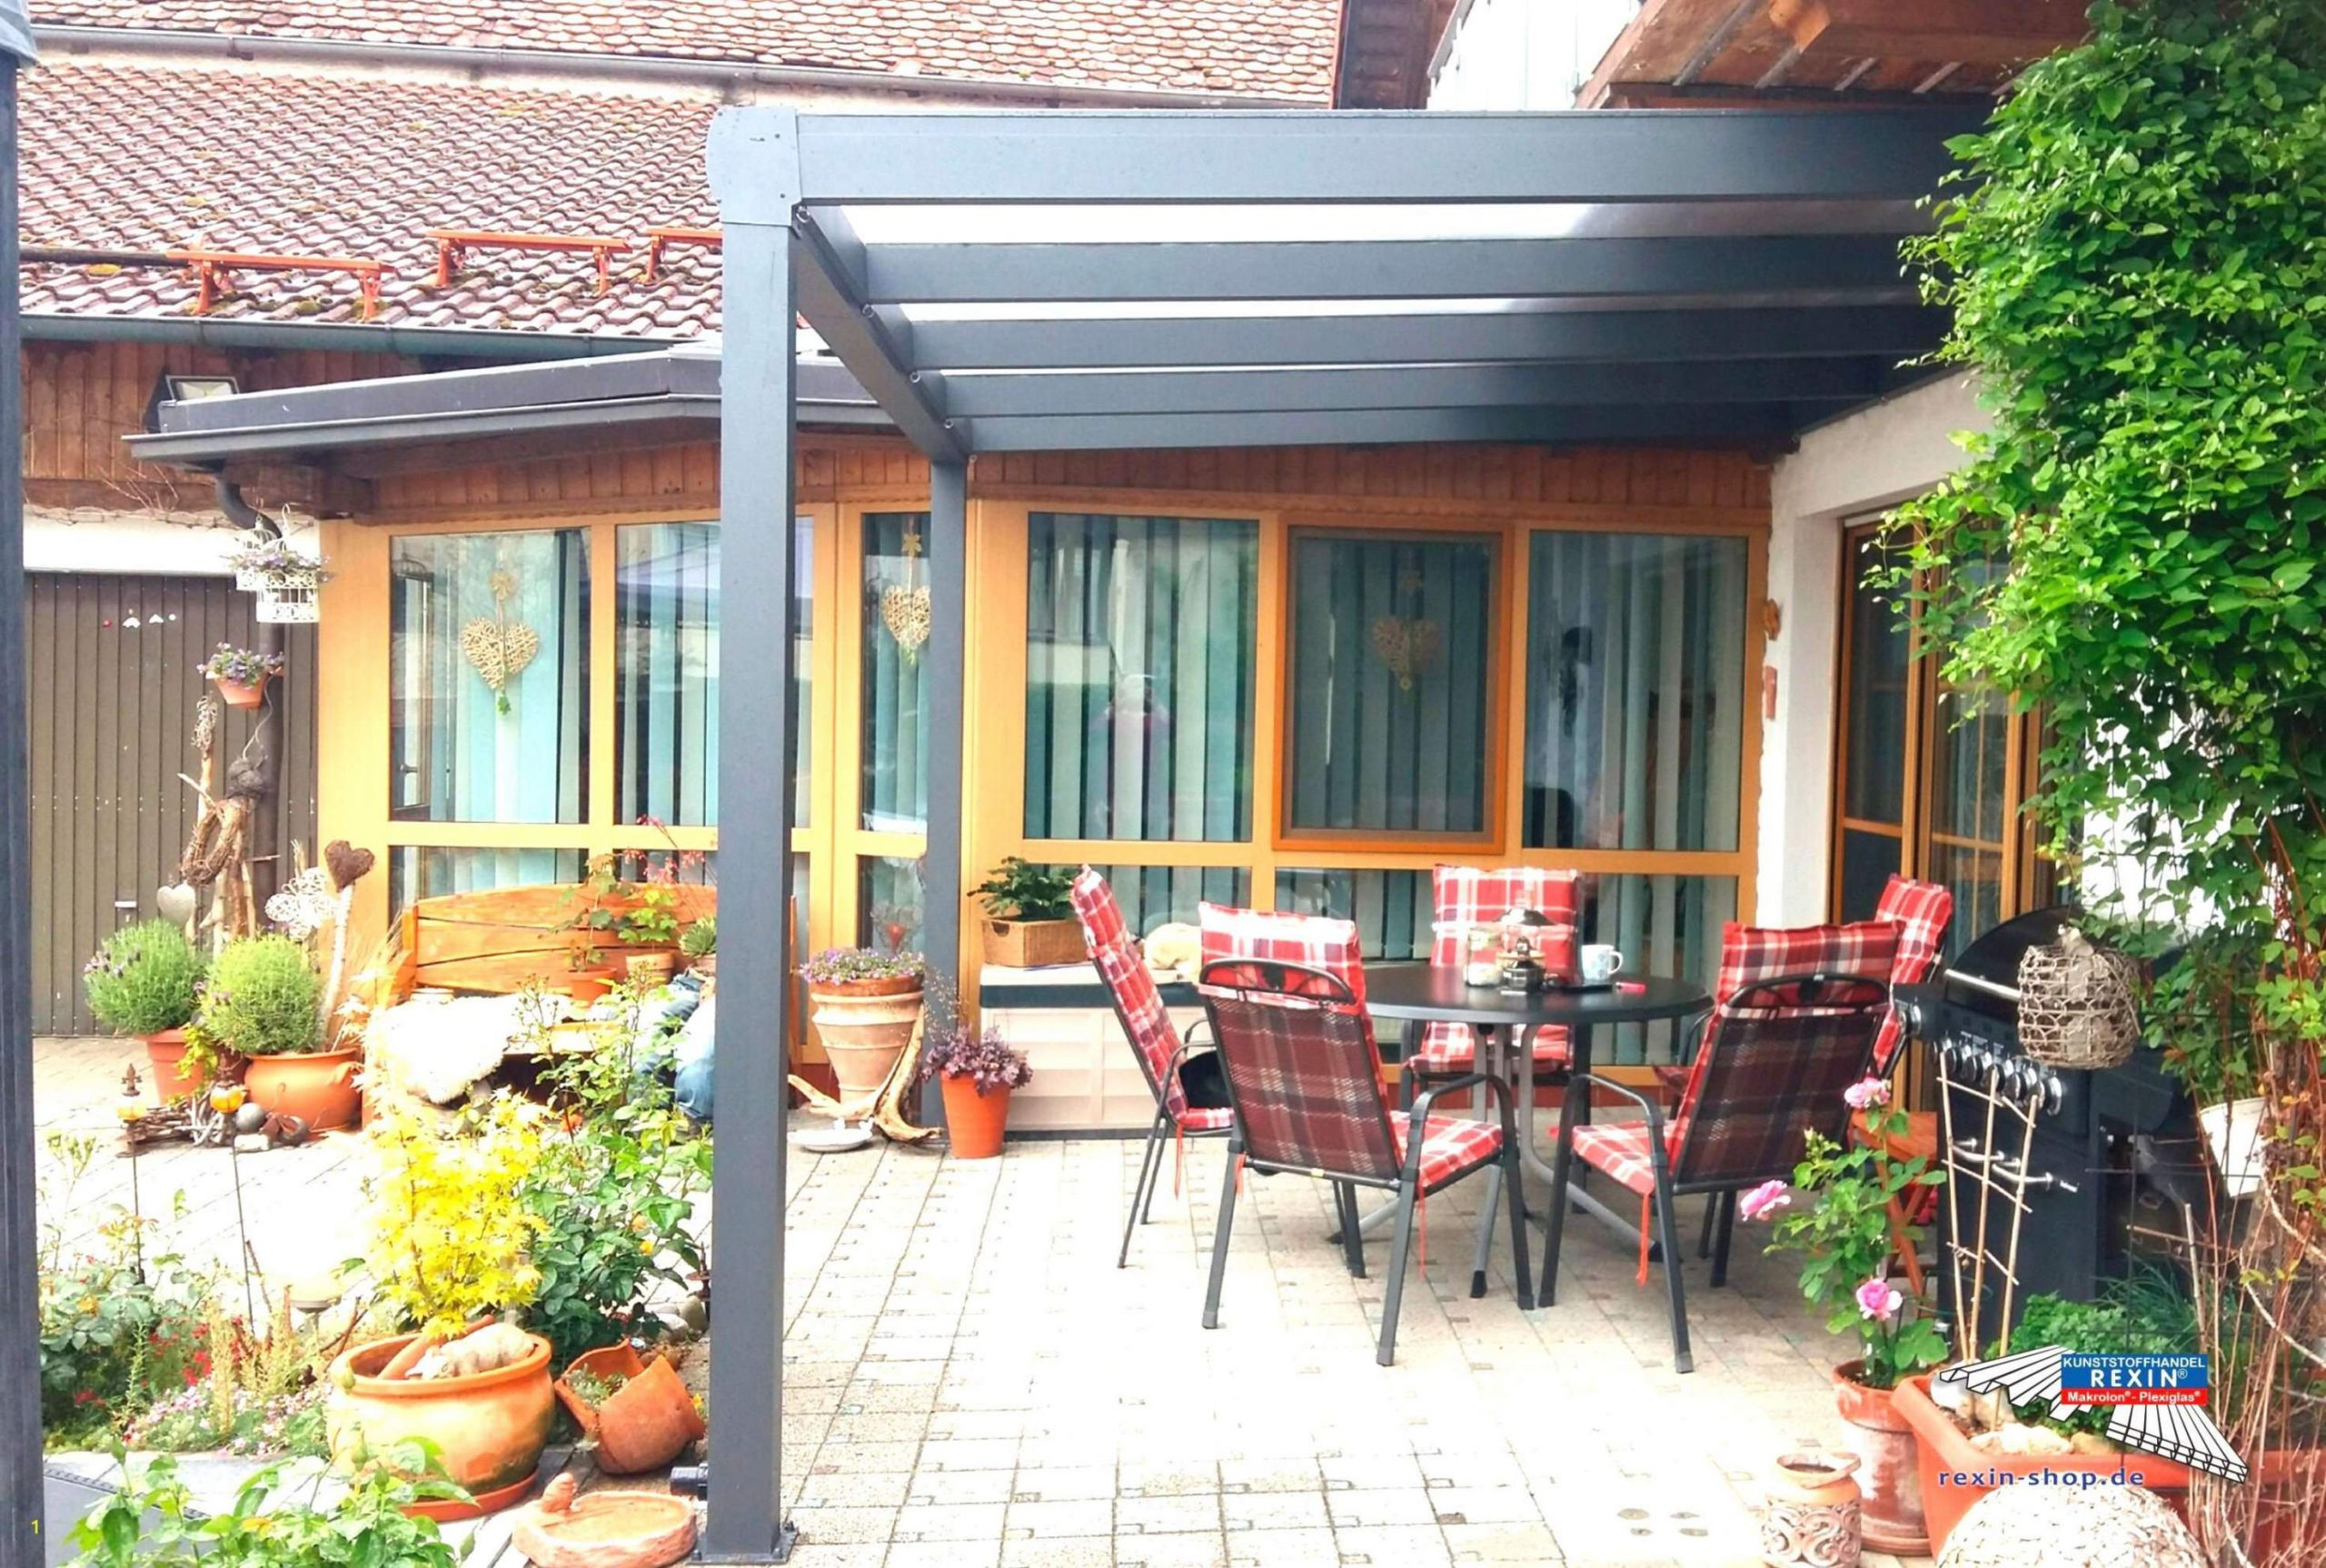 terrasse bauen unterbau das beste von terrasse am hang bauen terrasse am hang terrasse am hang